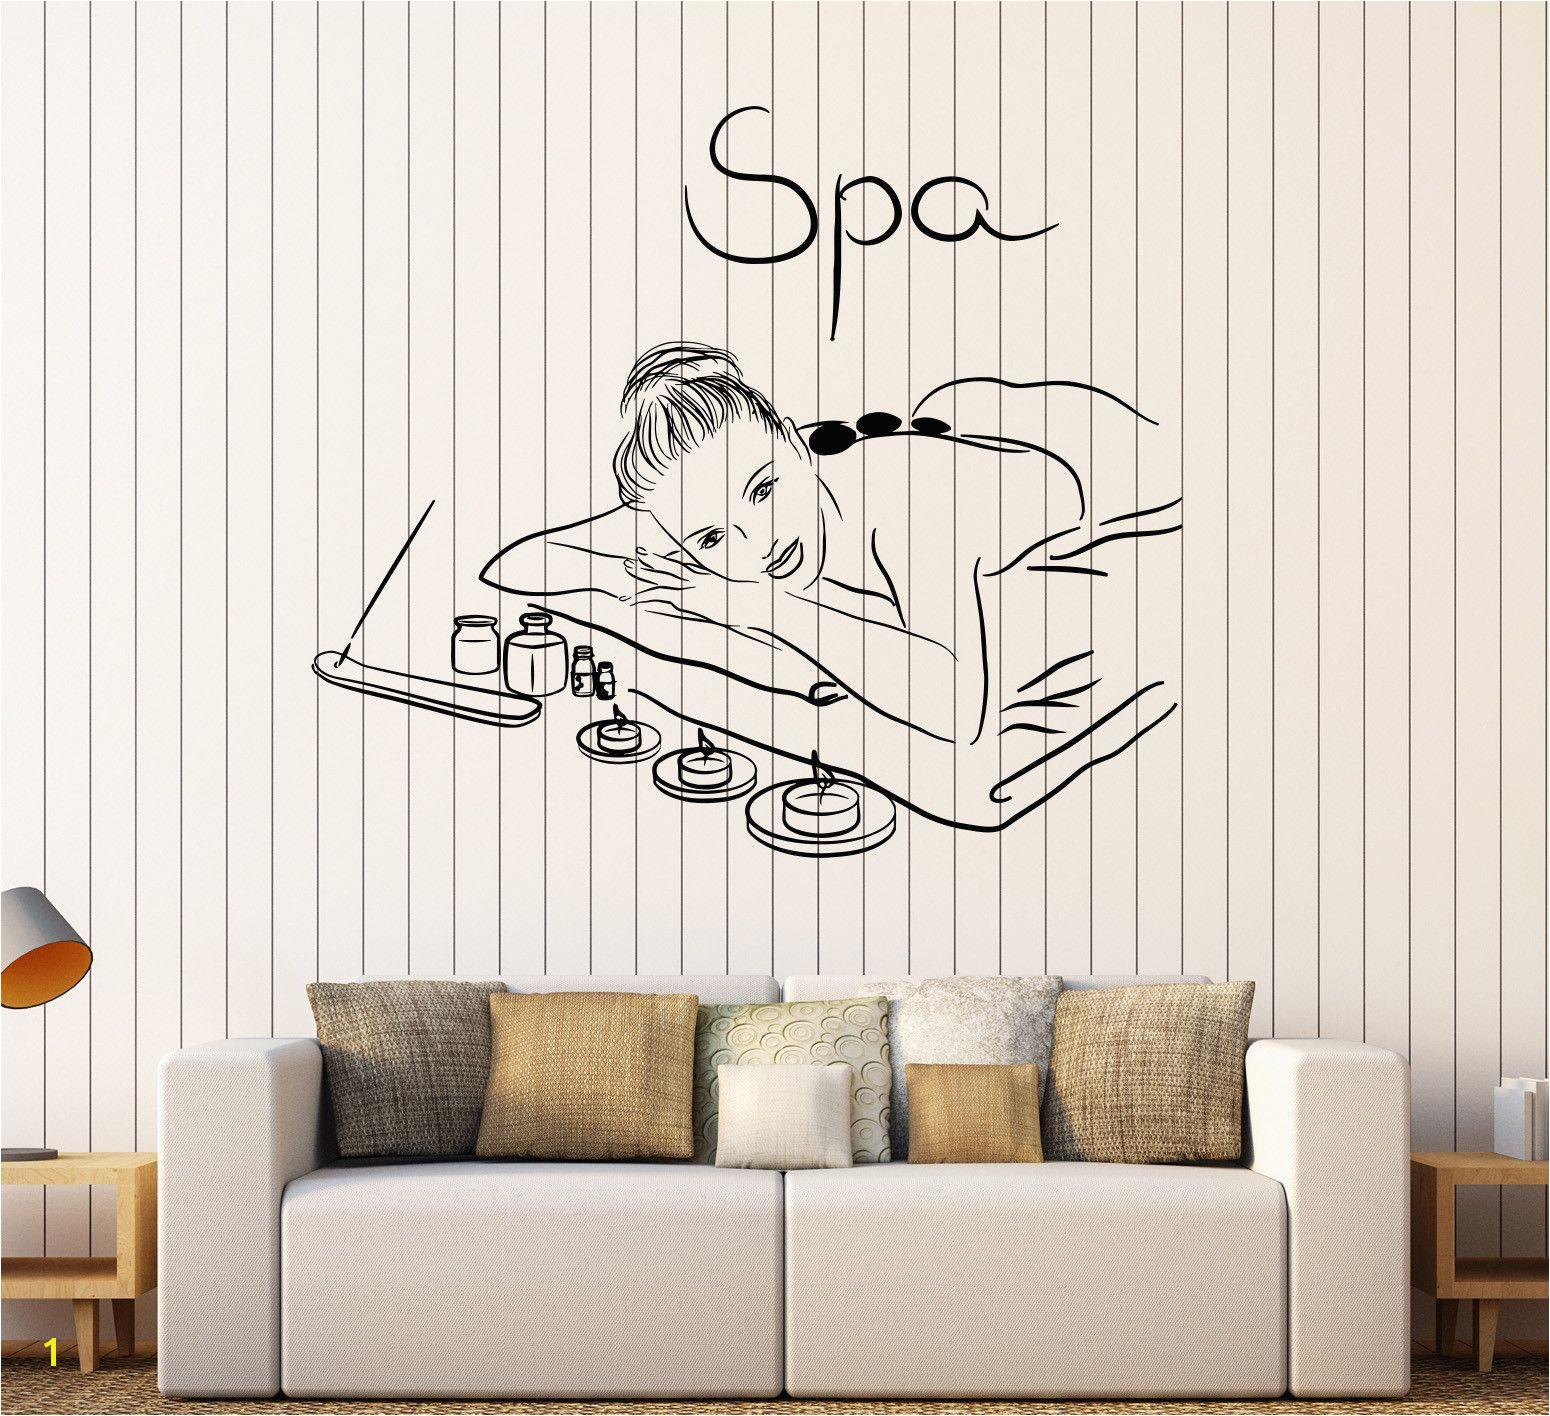 Relaxing Wall Murals Vinyl Wall Decal Spa Beauty Salon Massage Relax Stickers Mural